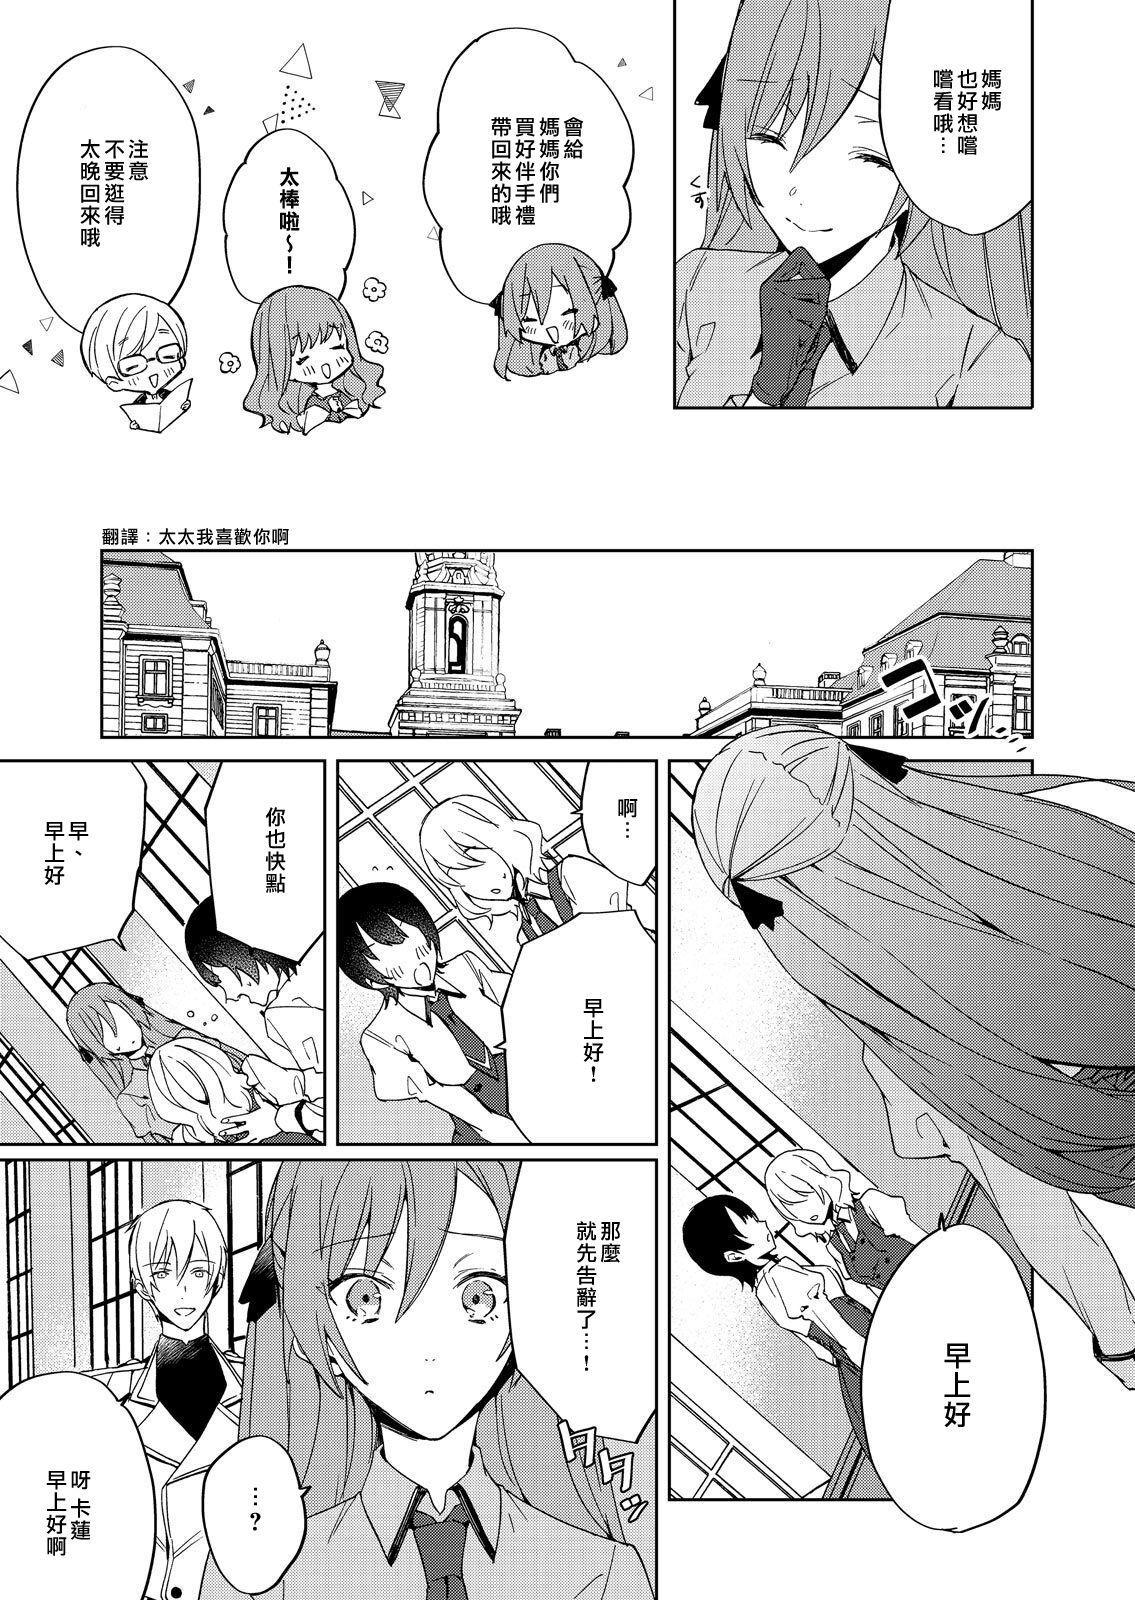 [Yuzushiwo] Akuyaku Reijou wa Ichizu ni Dekiai sarete ~Noumitsu Sex no Aite wa Juuboku~ | 被疯狂溺爱的反派大小姐~浓密性爱对象是仆从~ 1-5 [Chinese] [莉赛特汉化组] 64